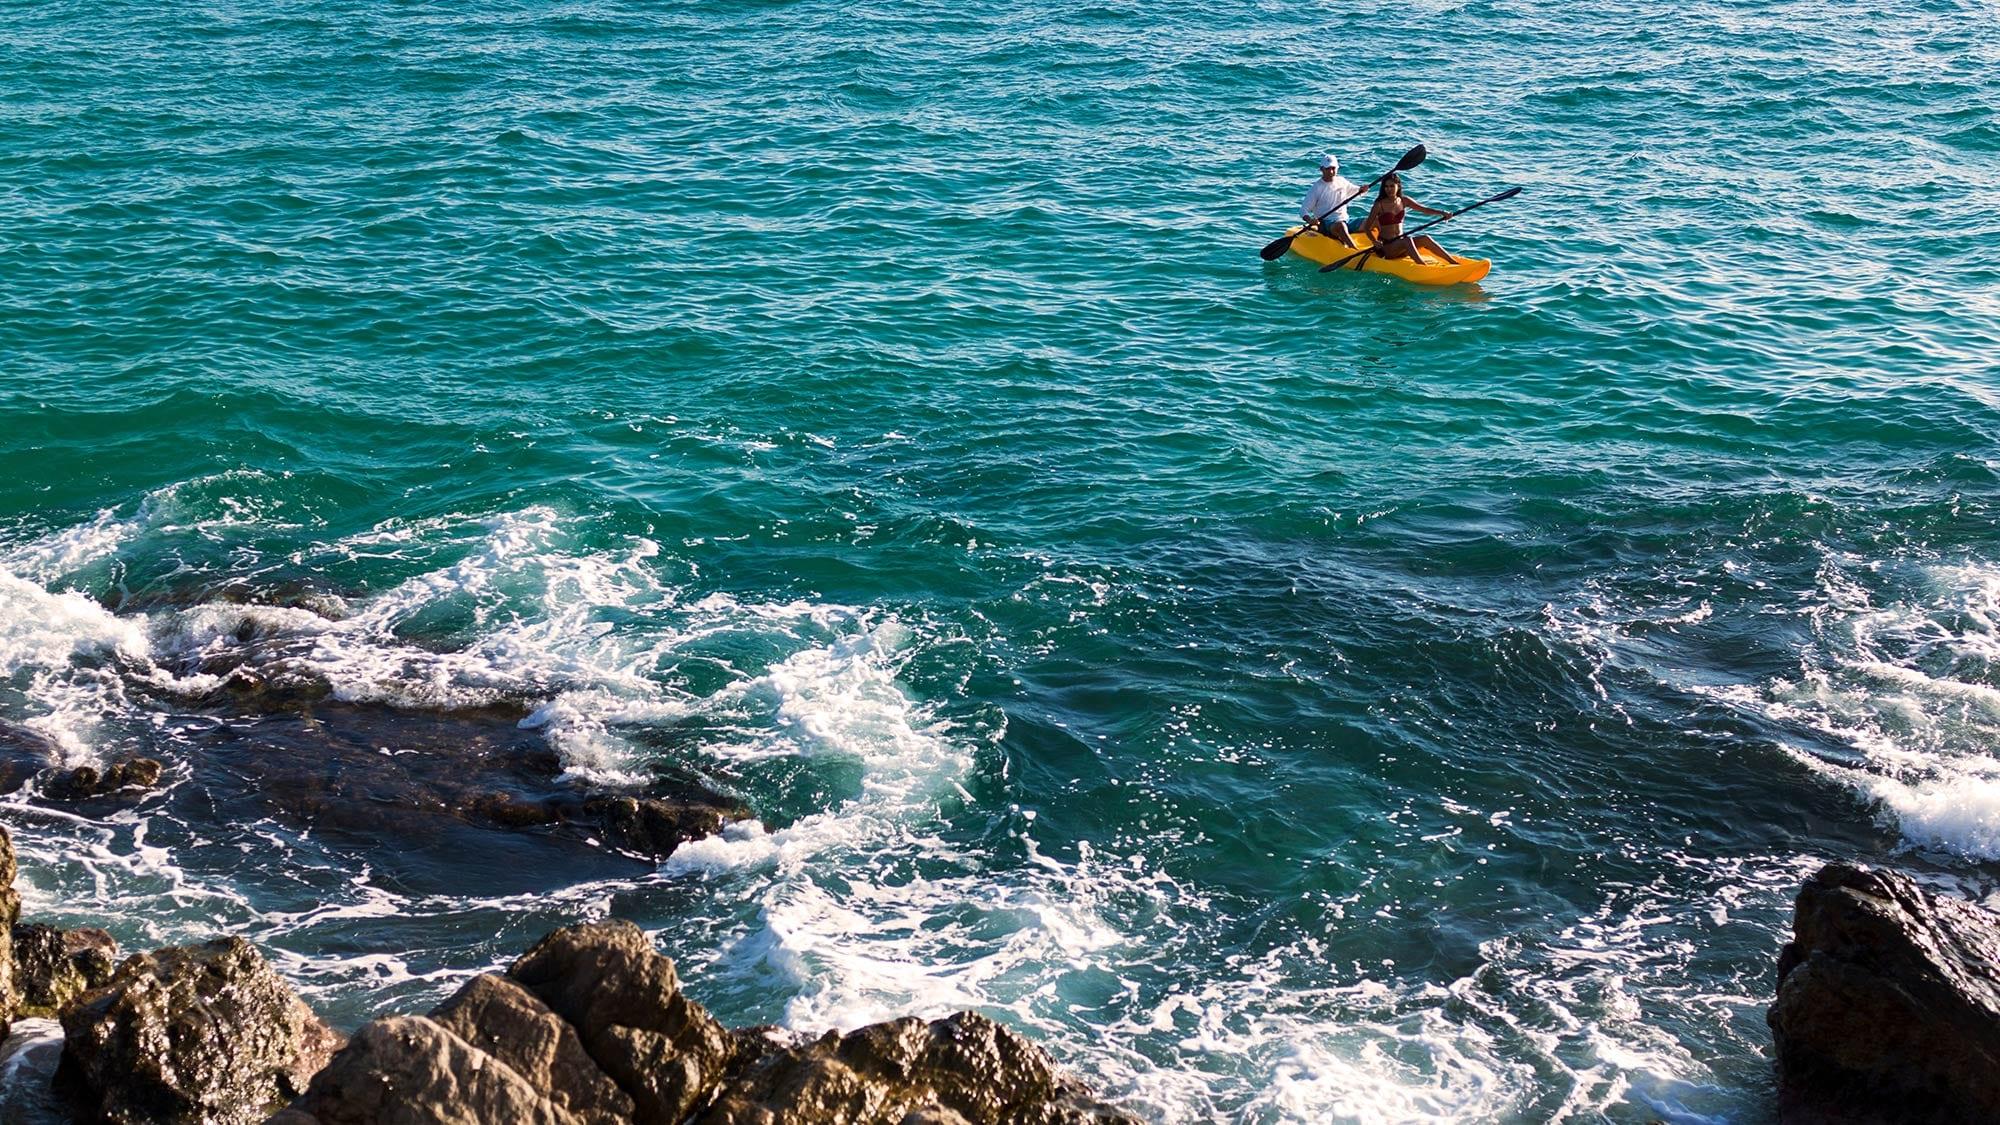 kayaking in ocean